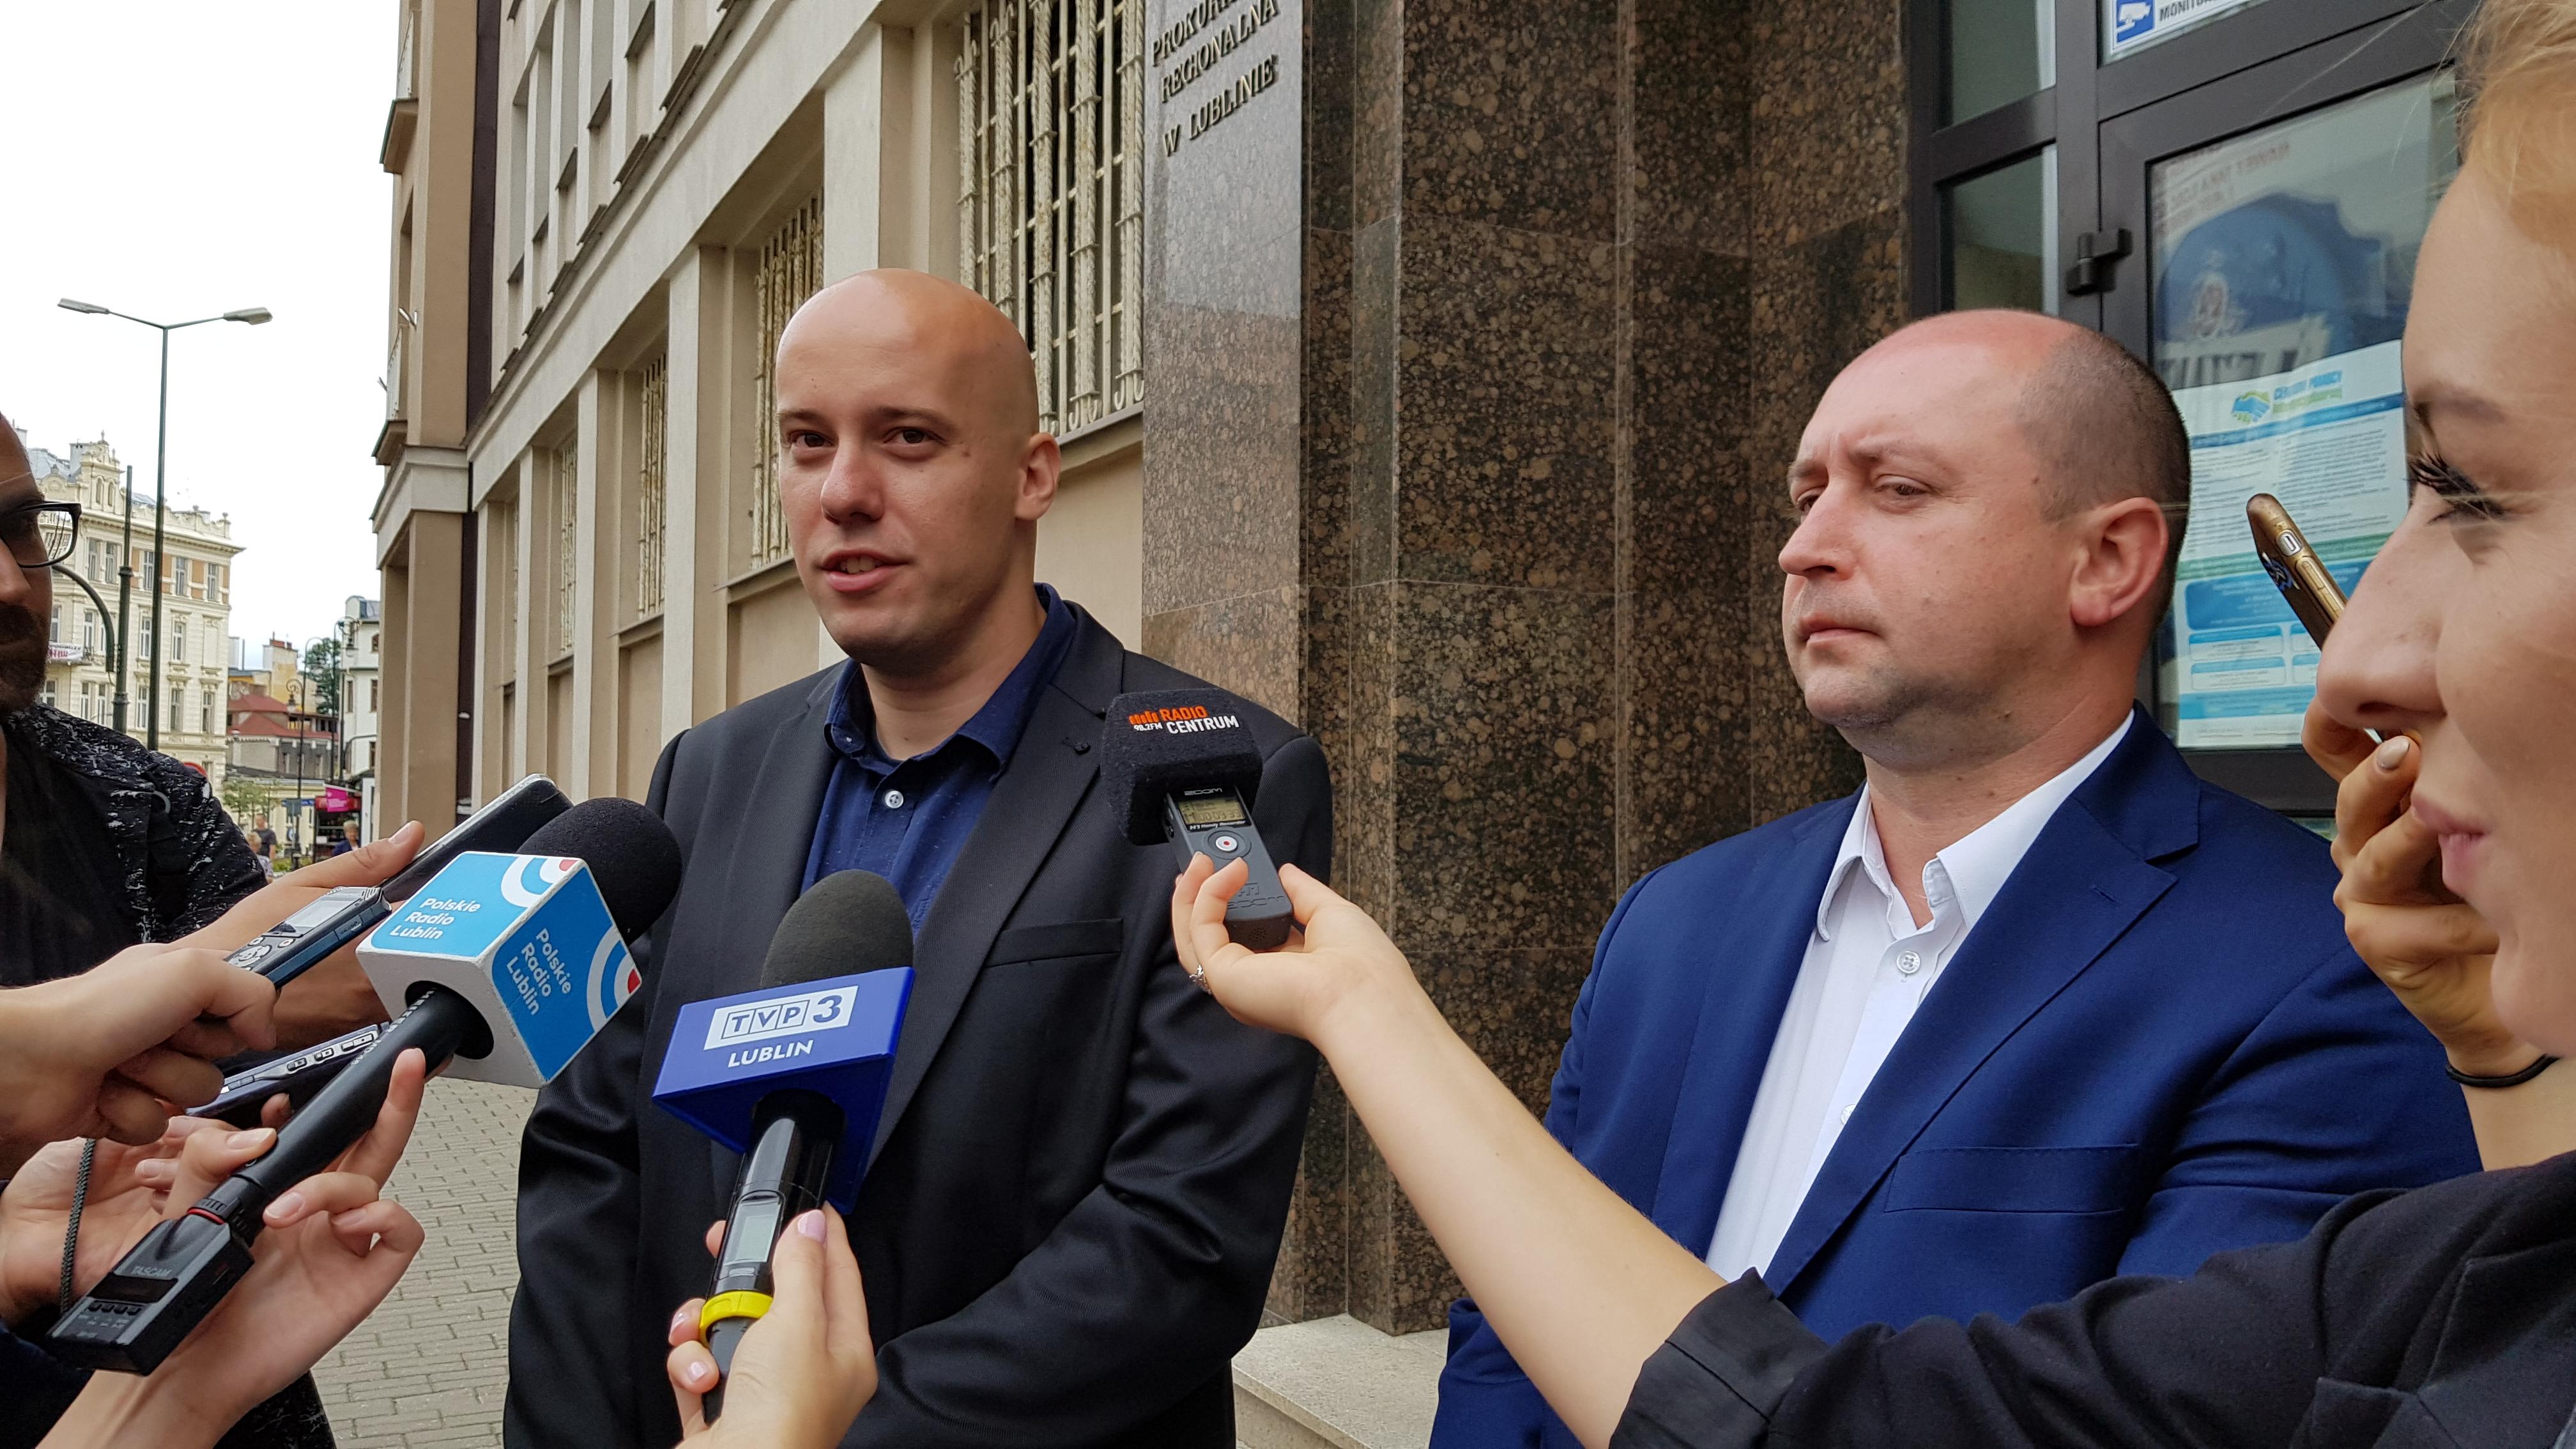 Były współpracownik Centrum Kultury w Lublinie zawiadomił prokuraturę o możliwości popełnienia przestępstwa